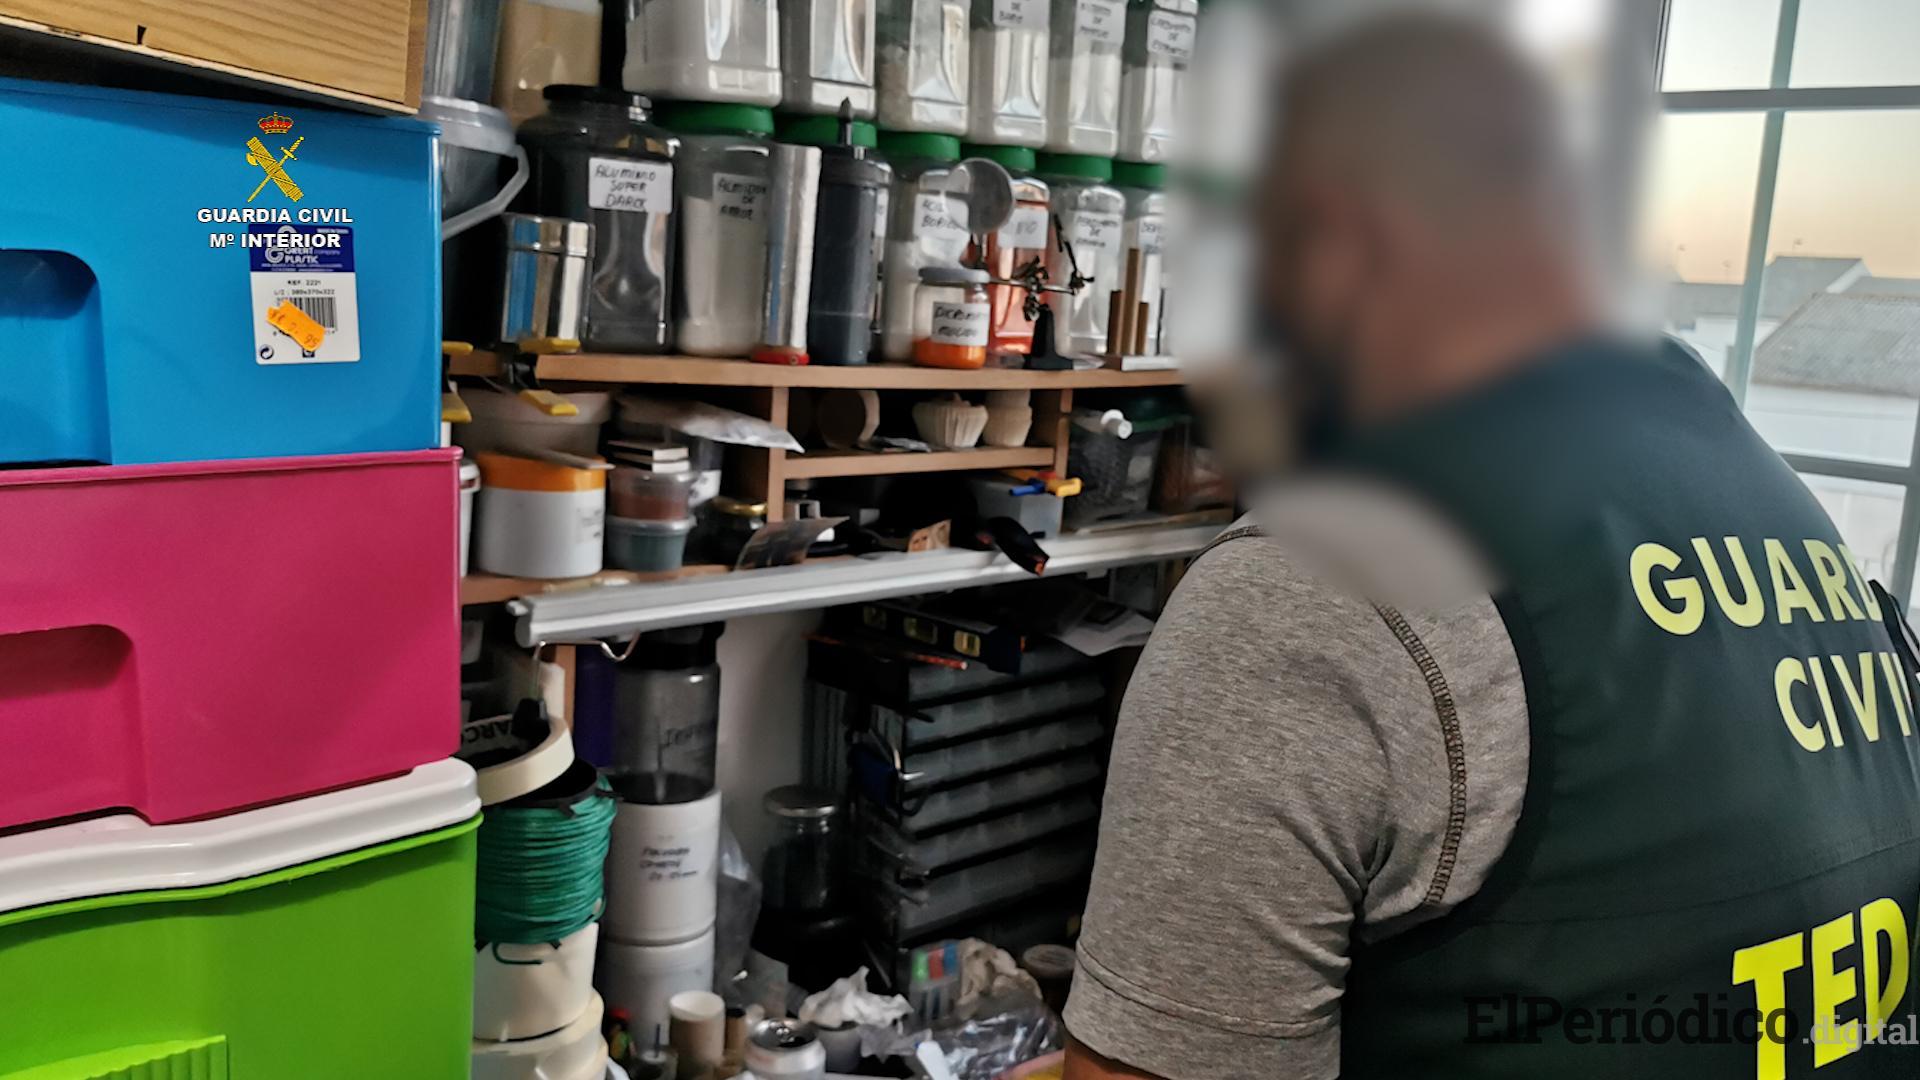 En Sevilla, La Guardia Civil desmantela un taller clandestino de fabricación de explosivos ubicado en un bloque de viviendas 1